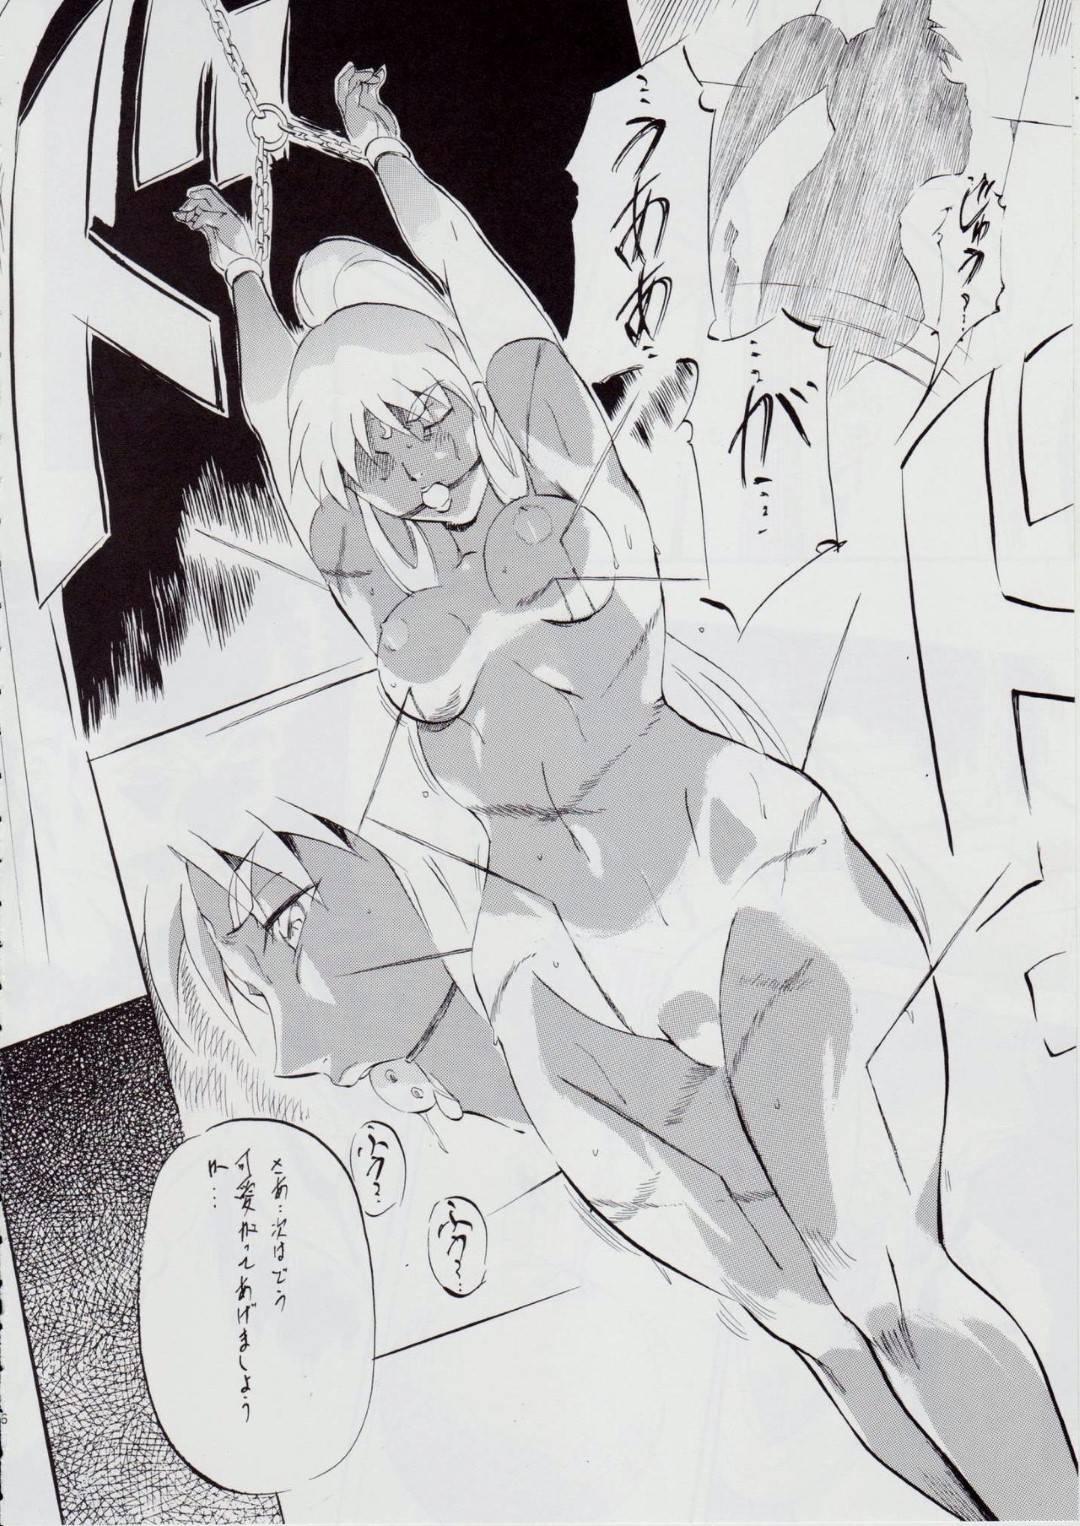 【エロ漫画】囚われの身となった天女で姉妹の麻衣と亜衣。拘束されて身動きできない二人は欲情した色黒の男にレイプされることとなってしまい、デカマラを交互に生挿入されては中出しまでされてしまう。